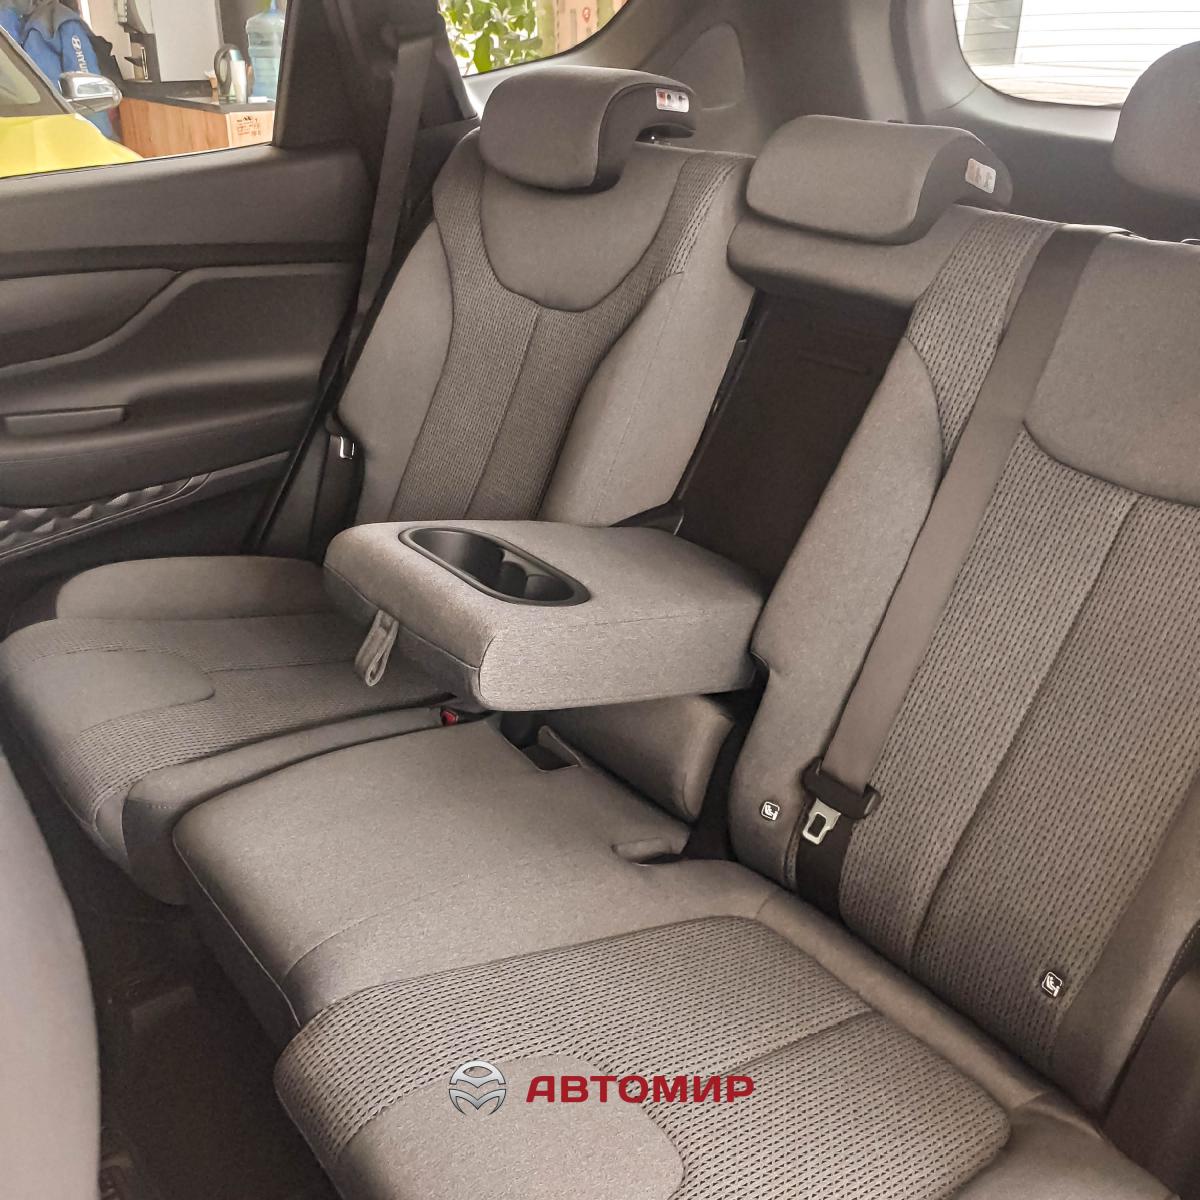 Теплі функції автомобілів Hyundai | БУГ АВТО - фото 9